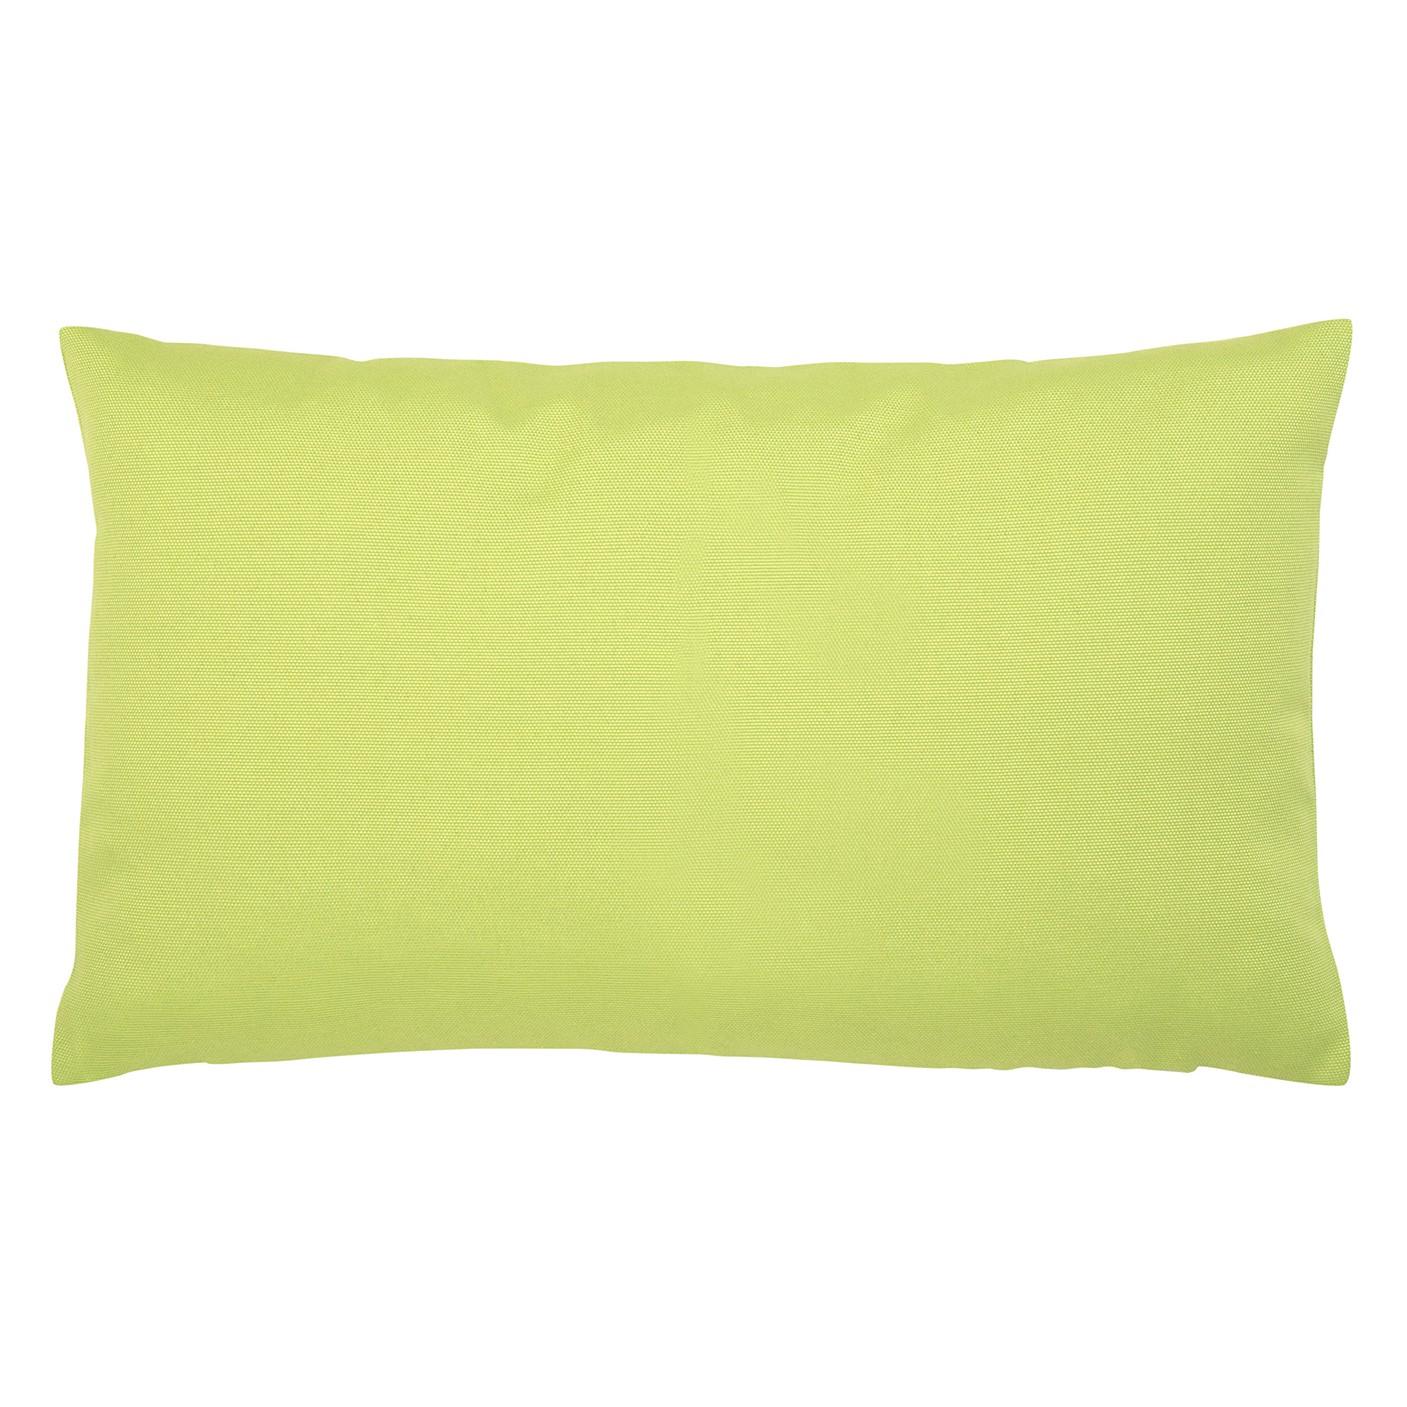 Kissen Juno - Baumwollmischgewebe - Lindgrün - 30 x 50 cm